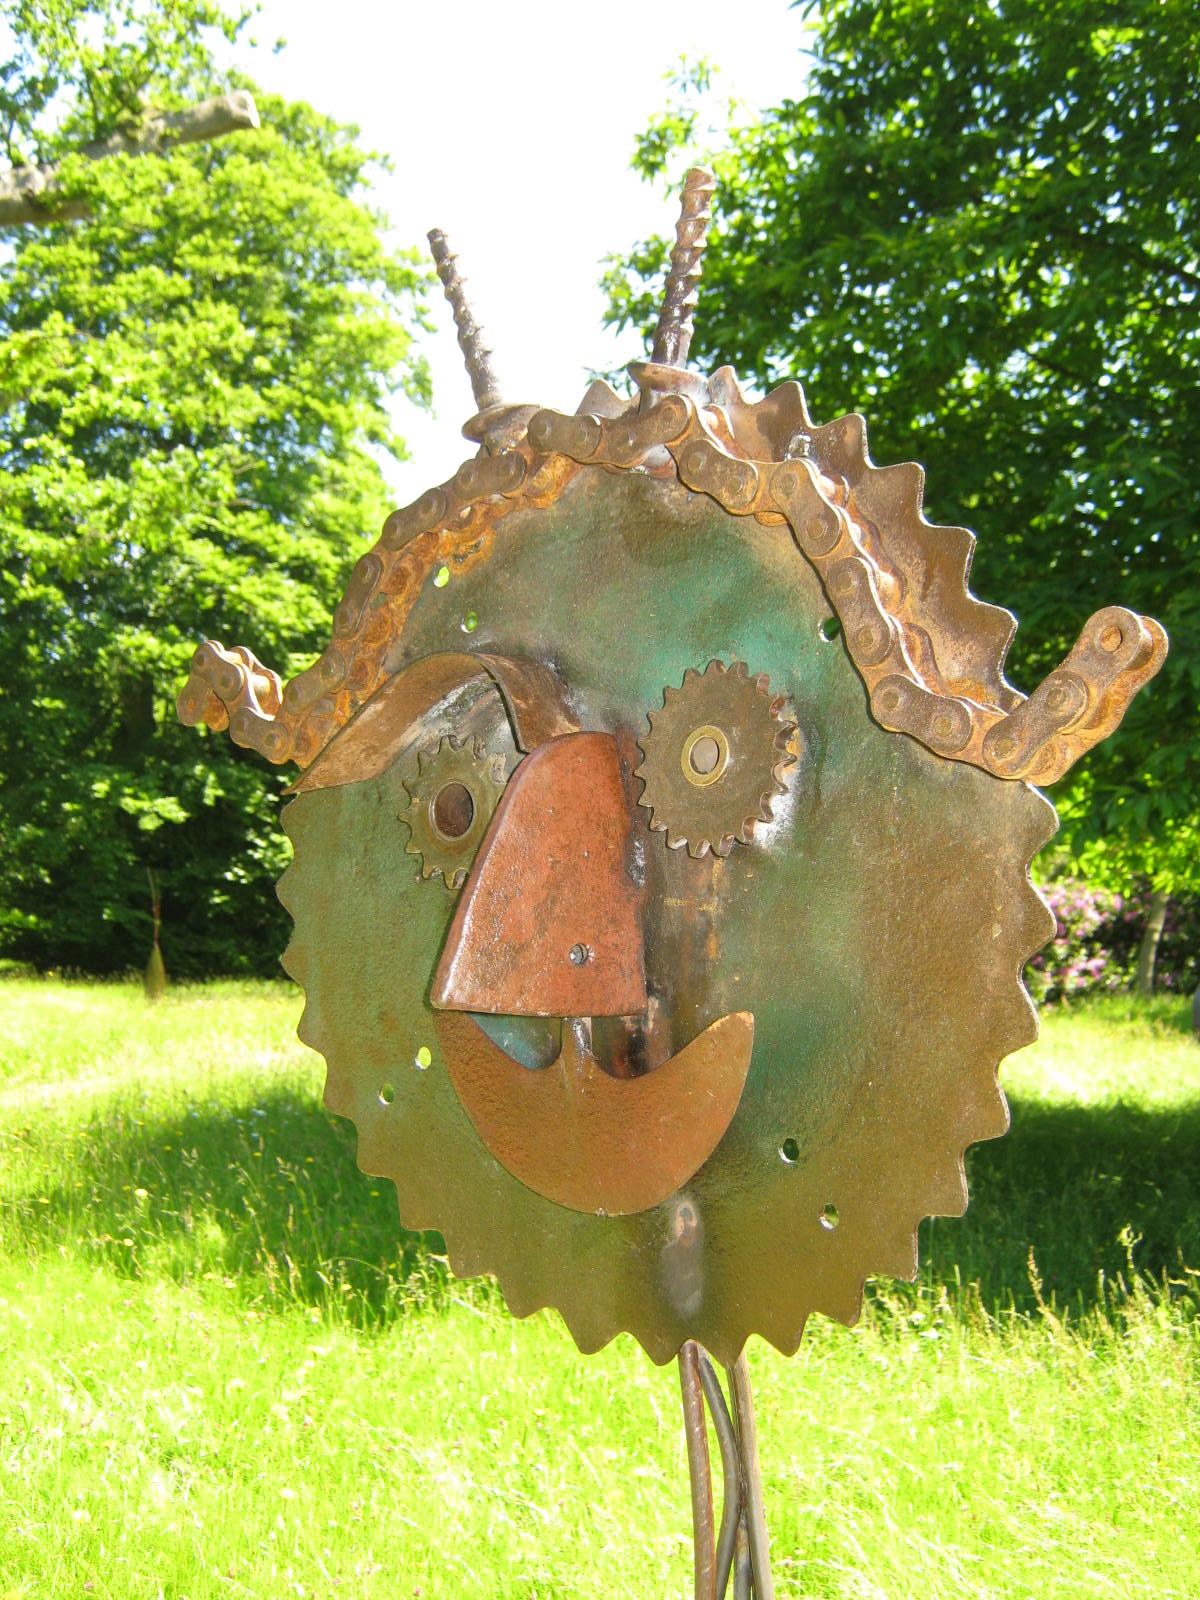 Blickling-hoveton-hall-2012-0271 (1)